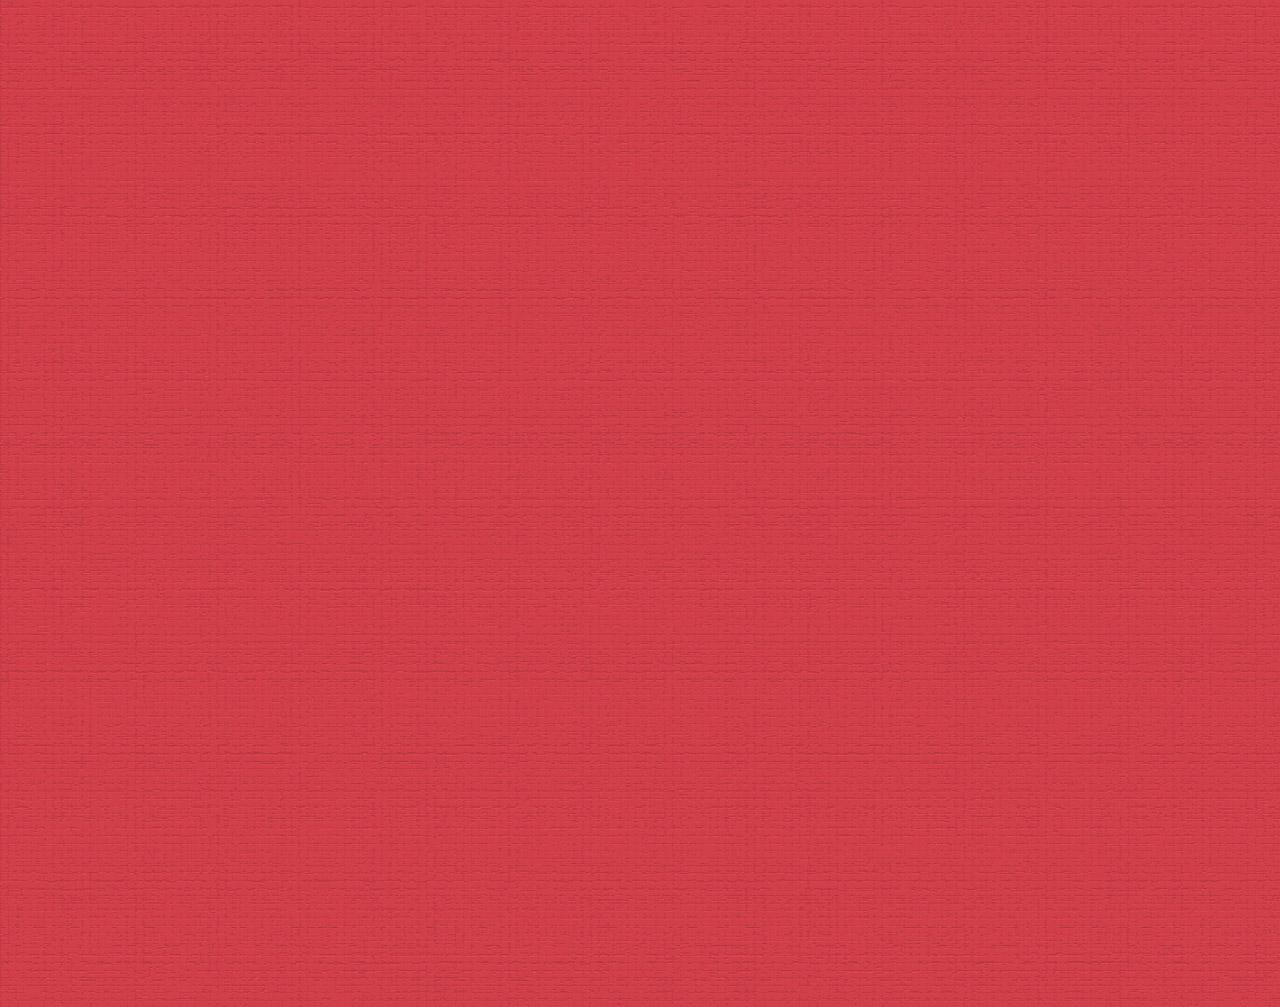 solid color backgroundsPink solid color backgroundsColor backgrounds 1280x1007